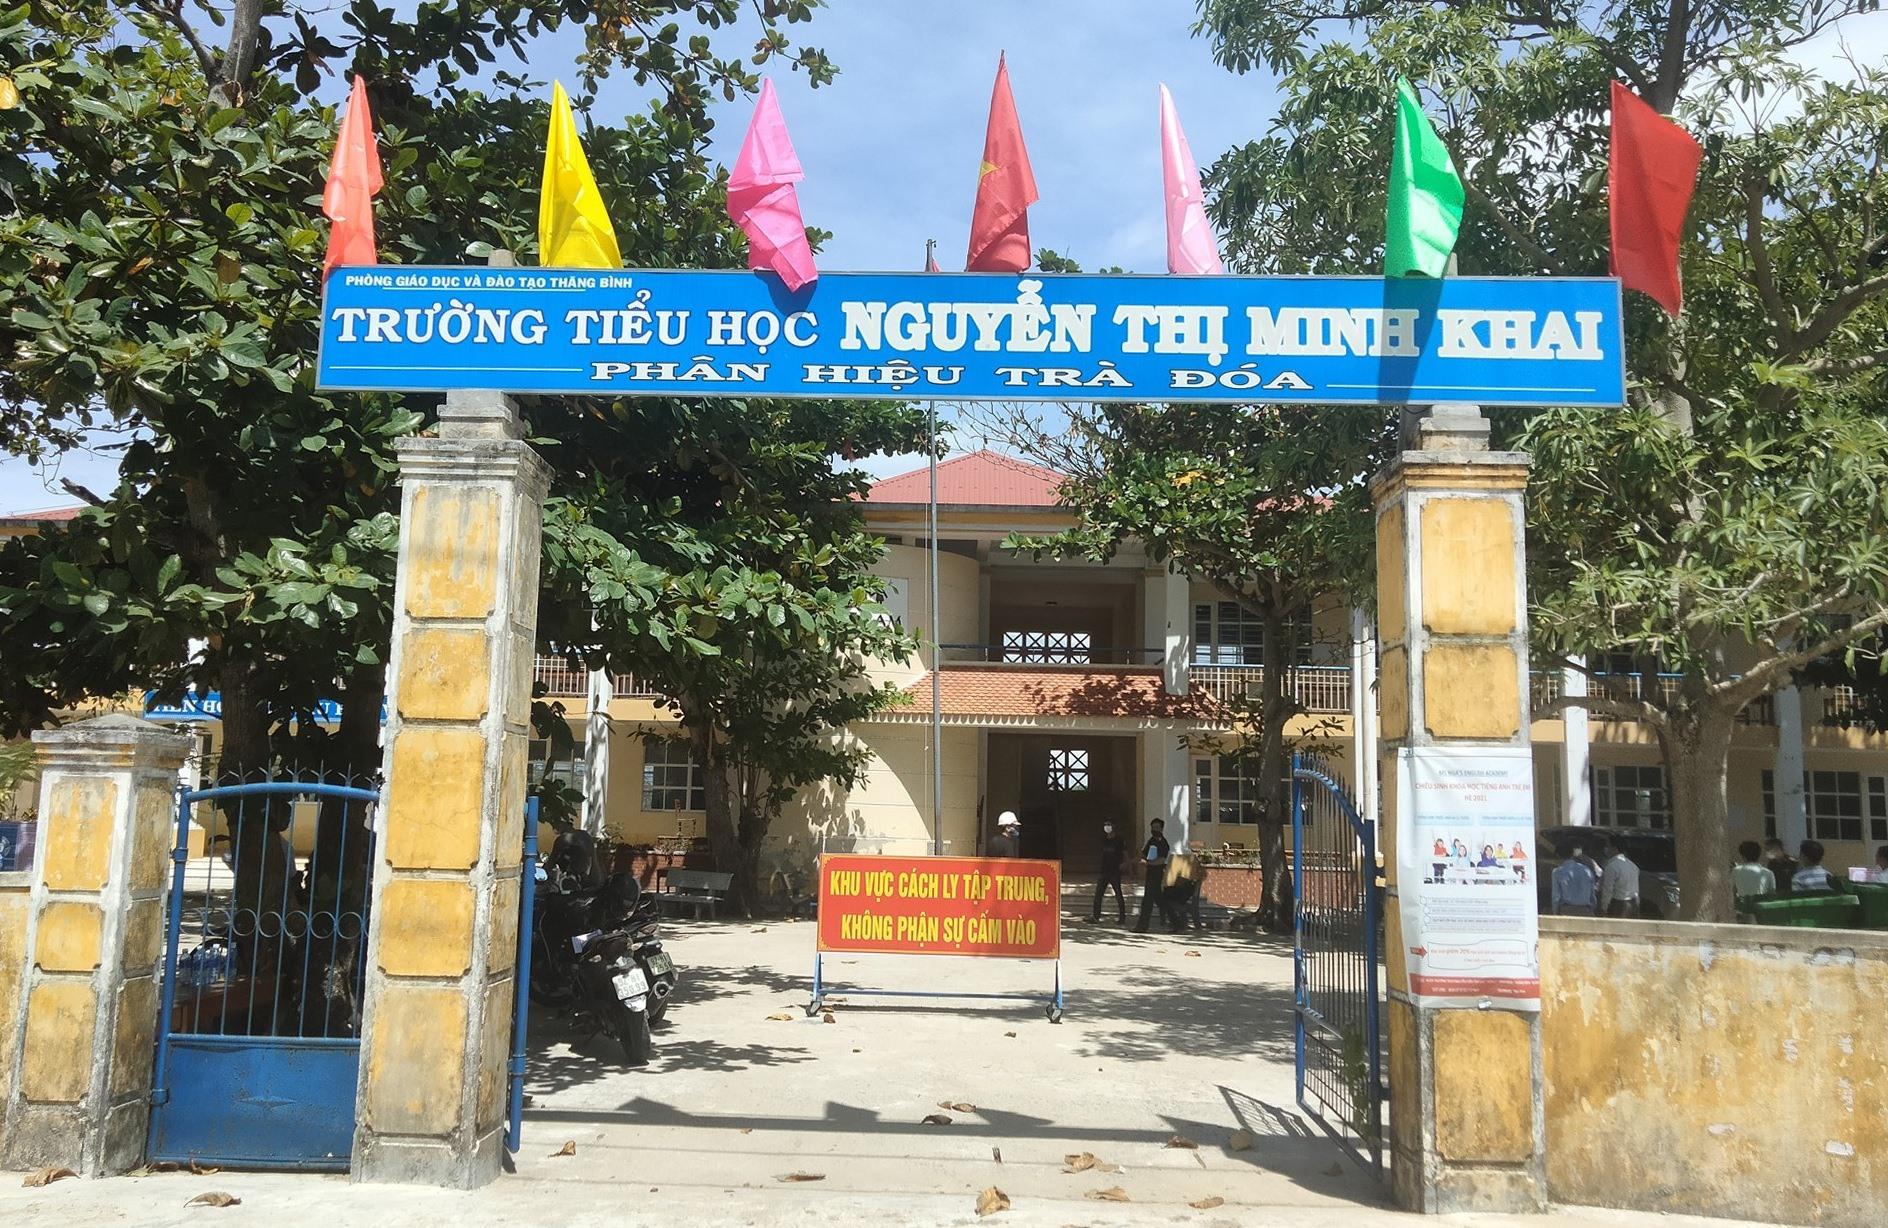 Xã Bình Đào chọn Trường Tiểu học Nguyễn Thị Minh Khai để làm khu cách ly tập trung của xã